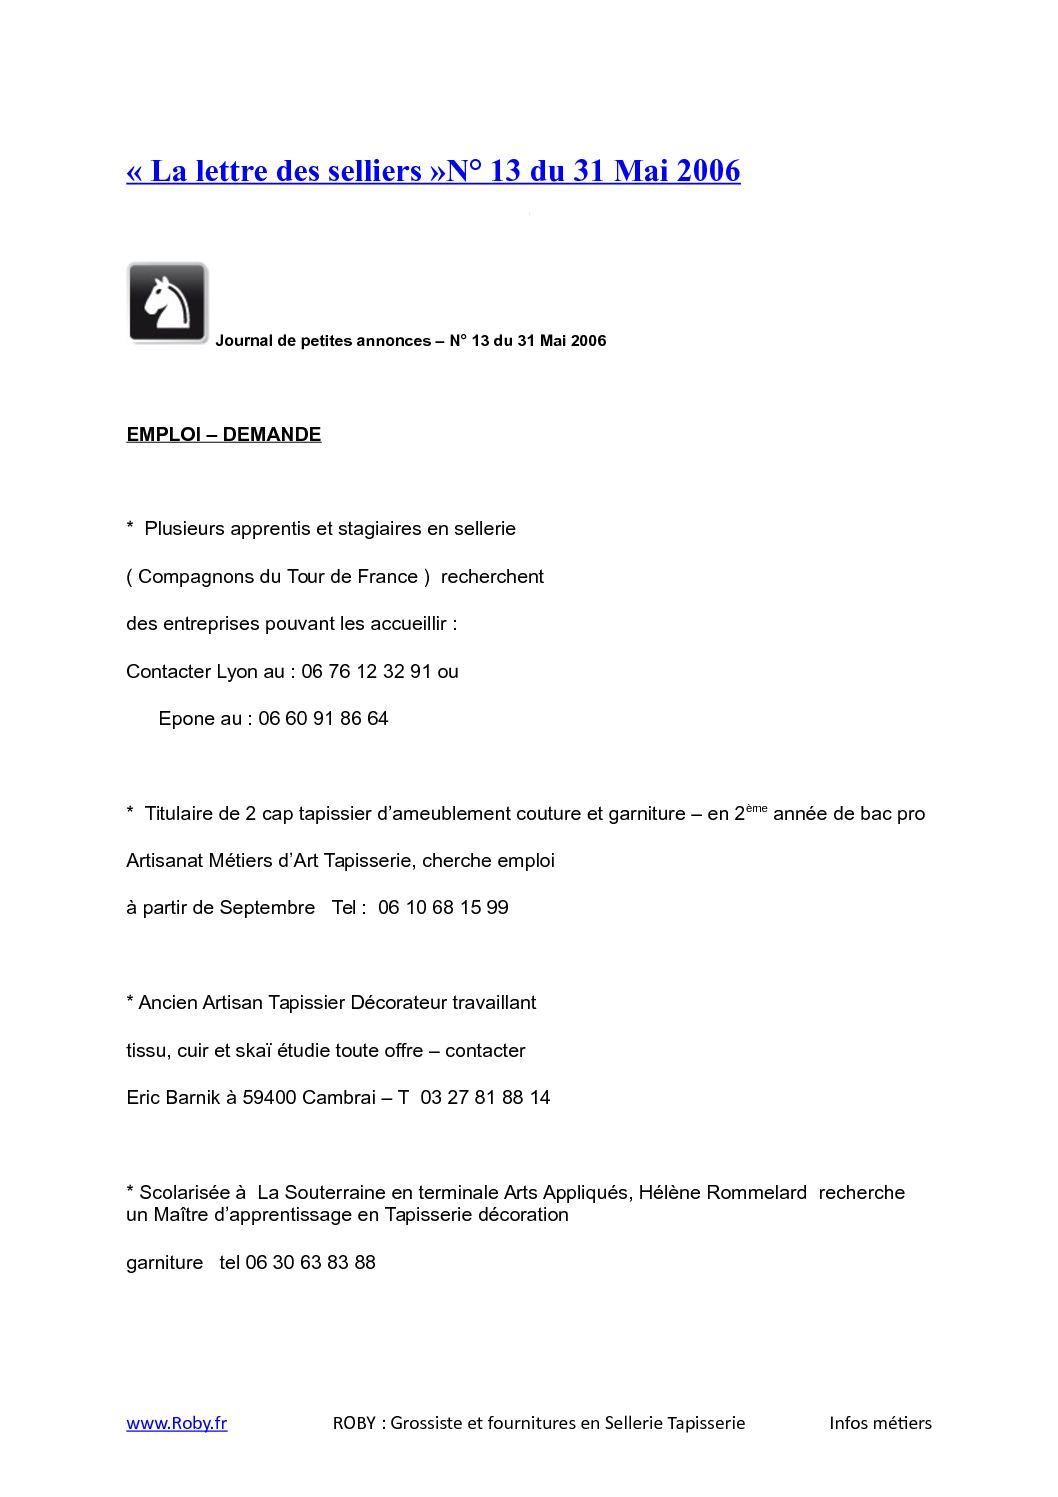 Matériel De Tapissier D Occasion calaméo - roby-fournitures-sellerie-lettre-selliers-13